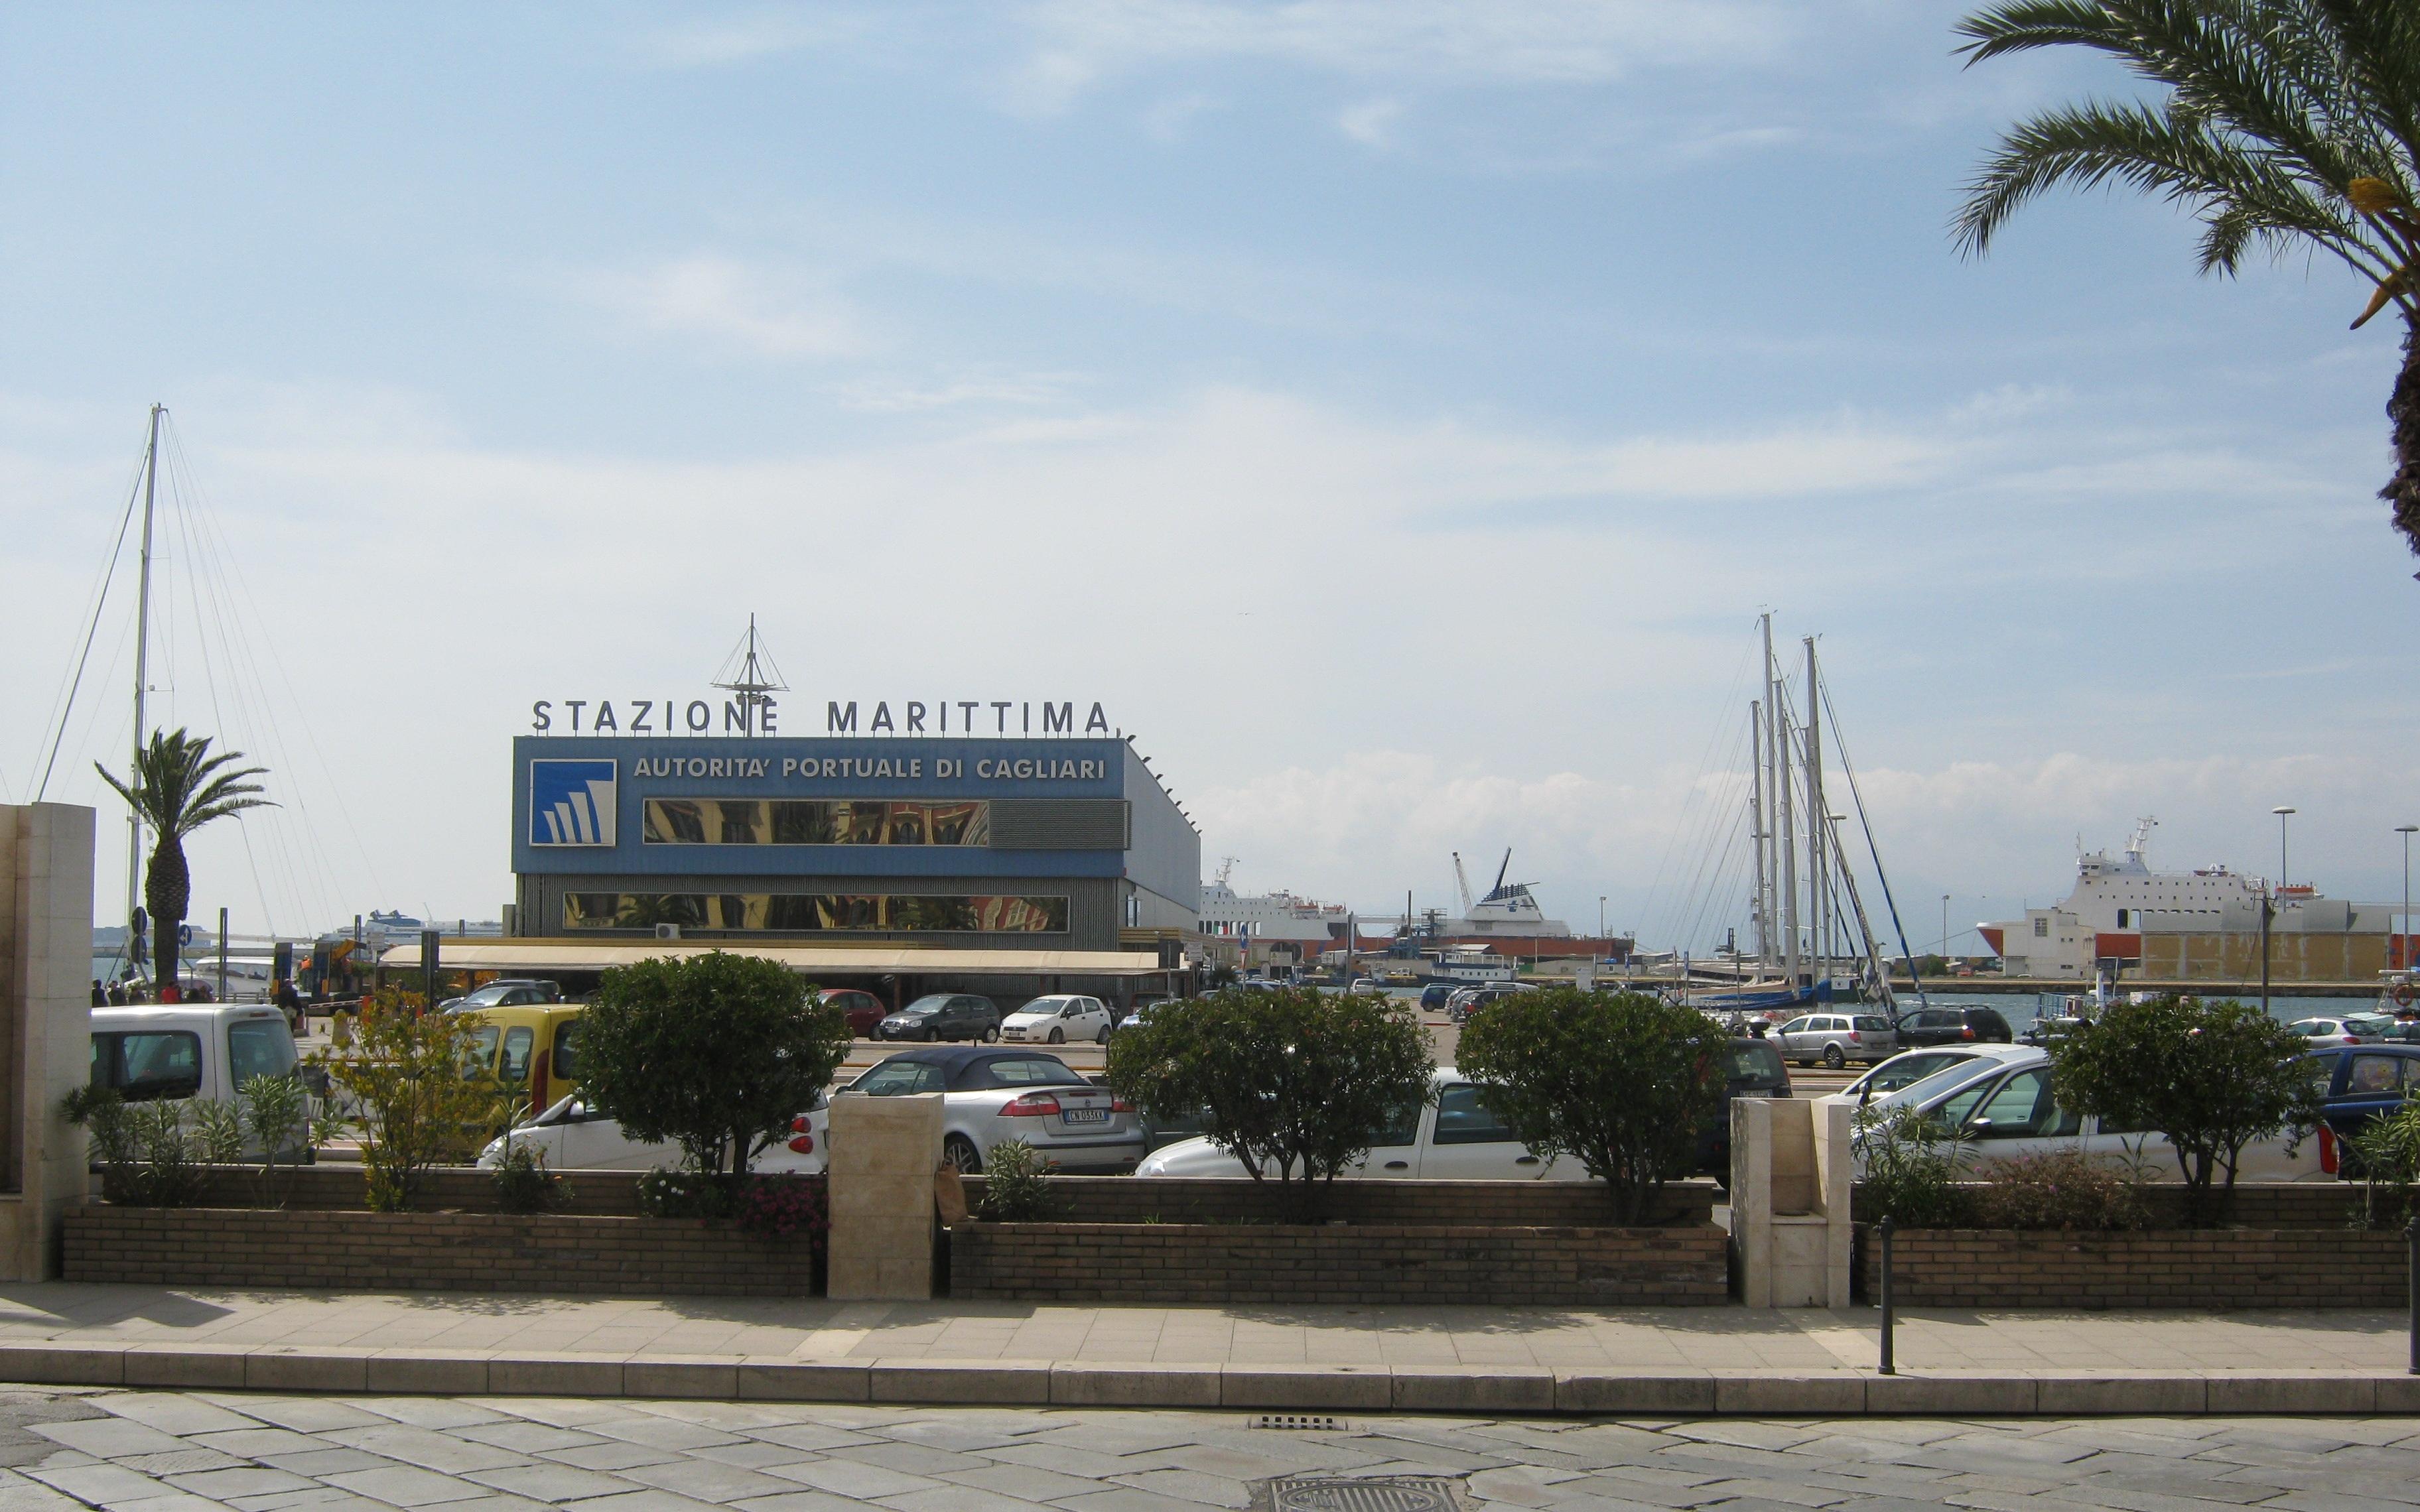 cagliari capitaneria di porto livorno - photo#14